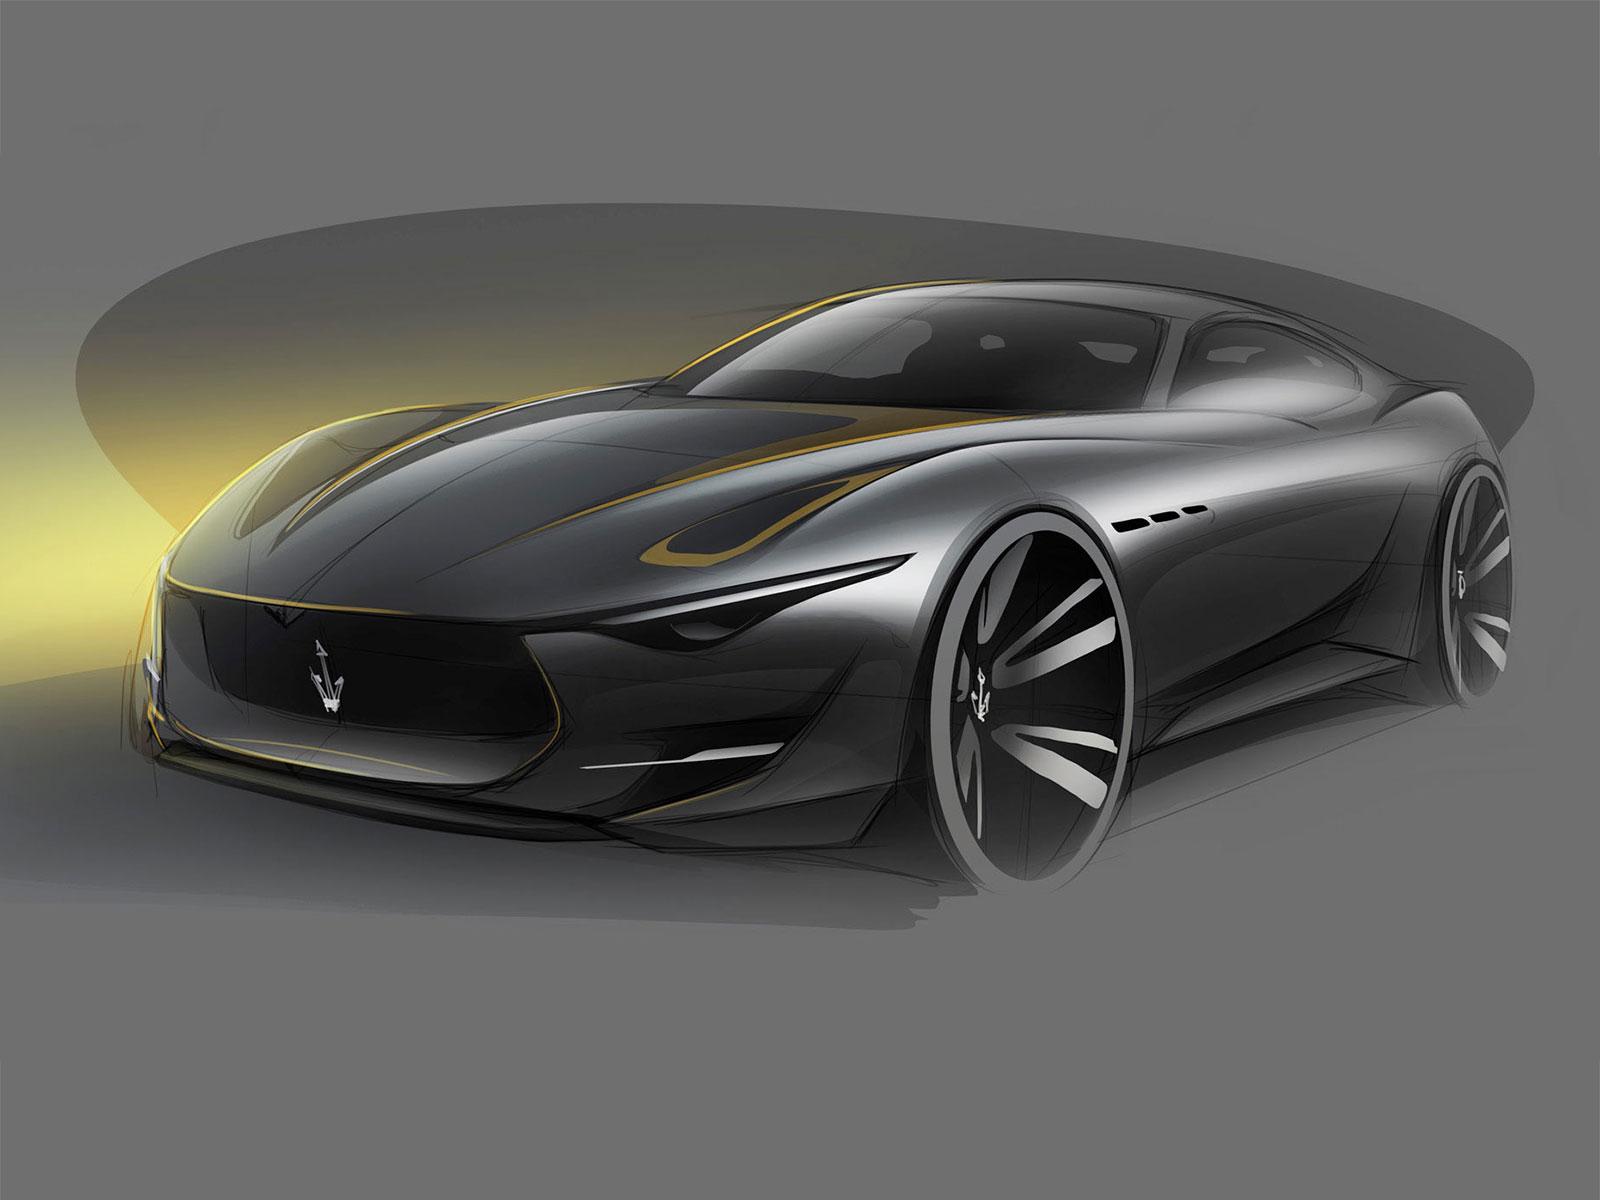 2014 Maserati Alfieri - Concepts